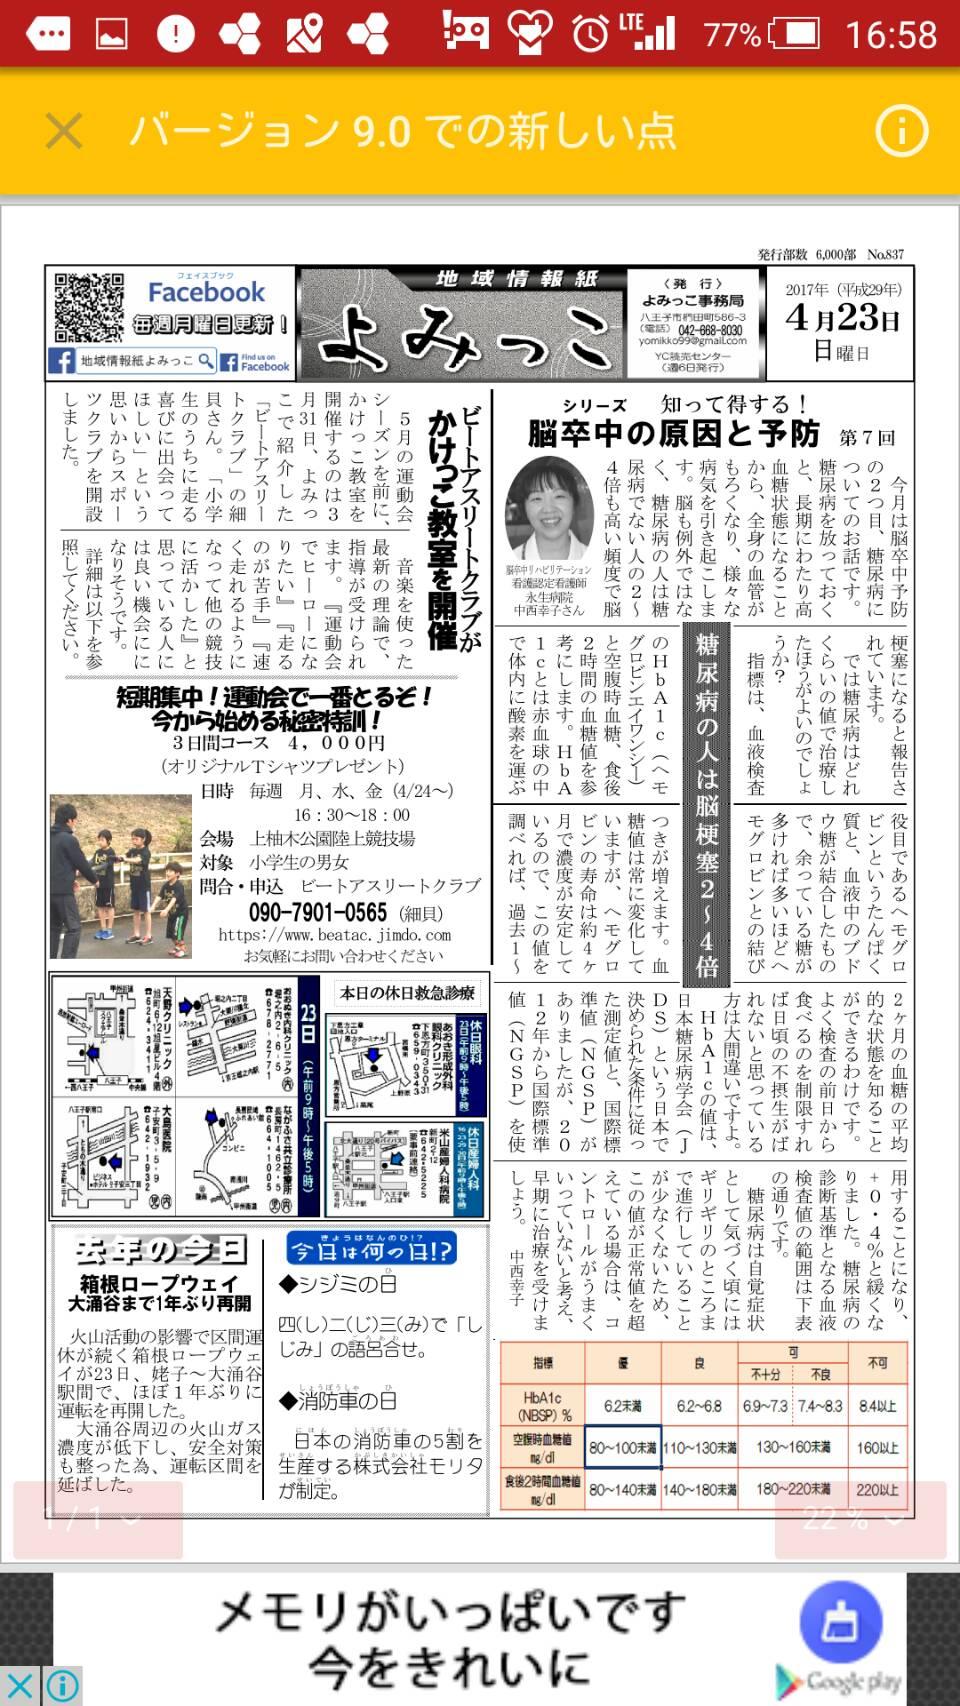 八王子地域情報誌よみっこさんに掲載されました。かけっこ教室!短期集中!